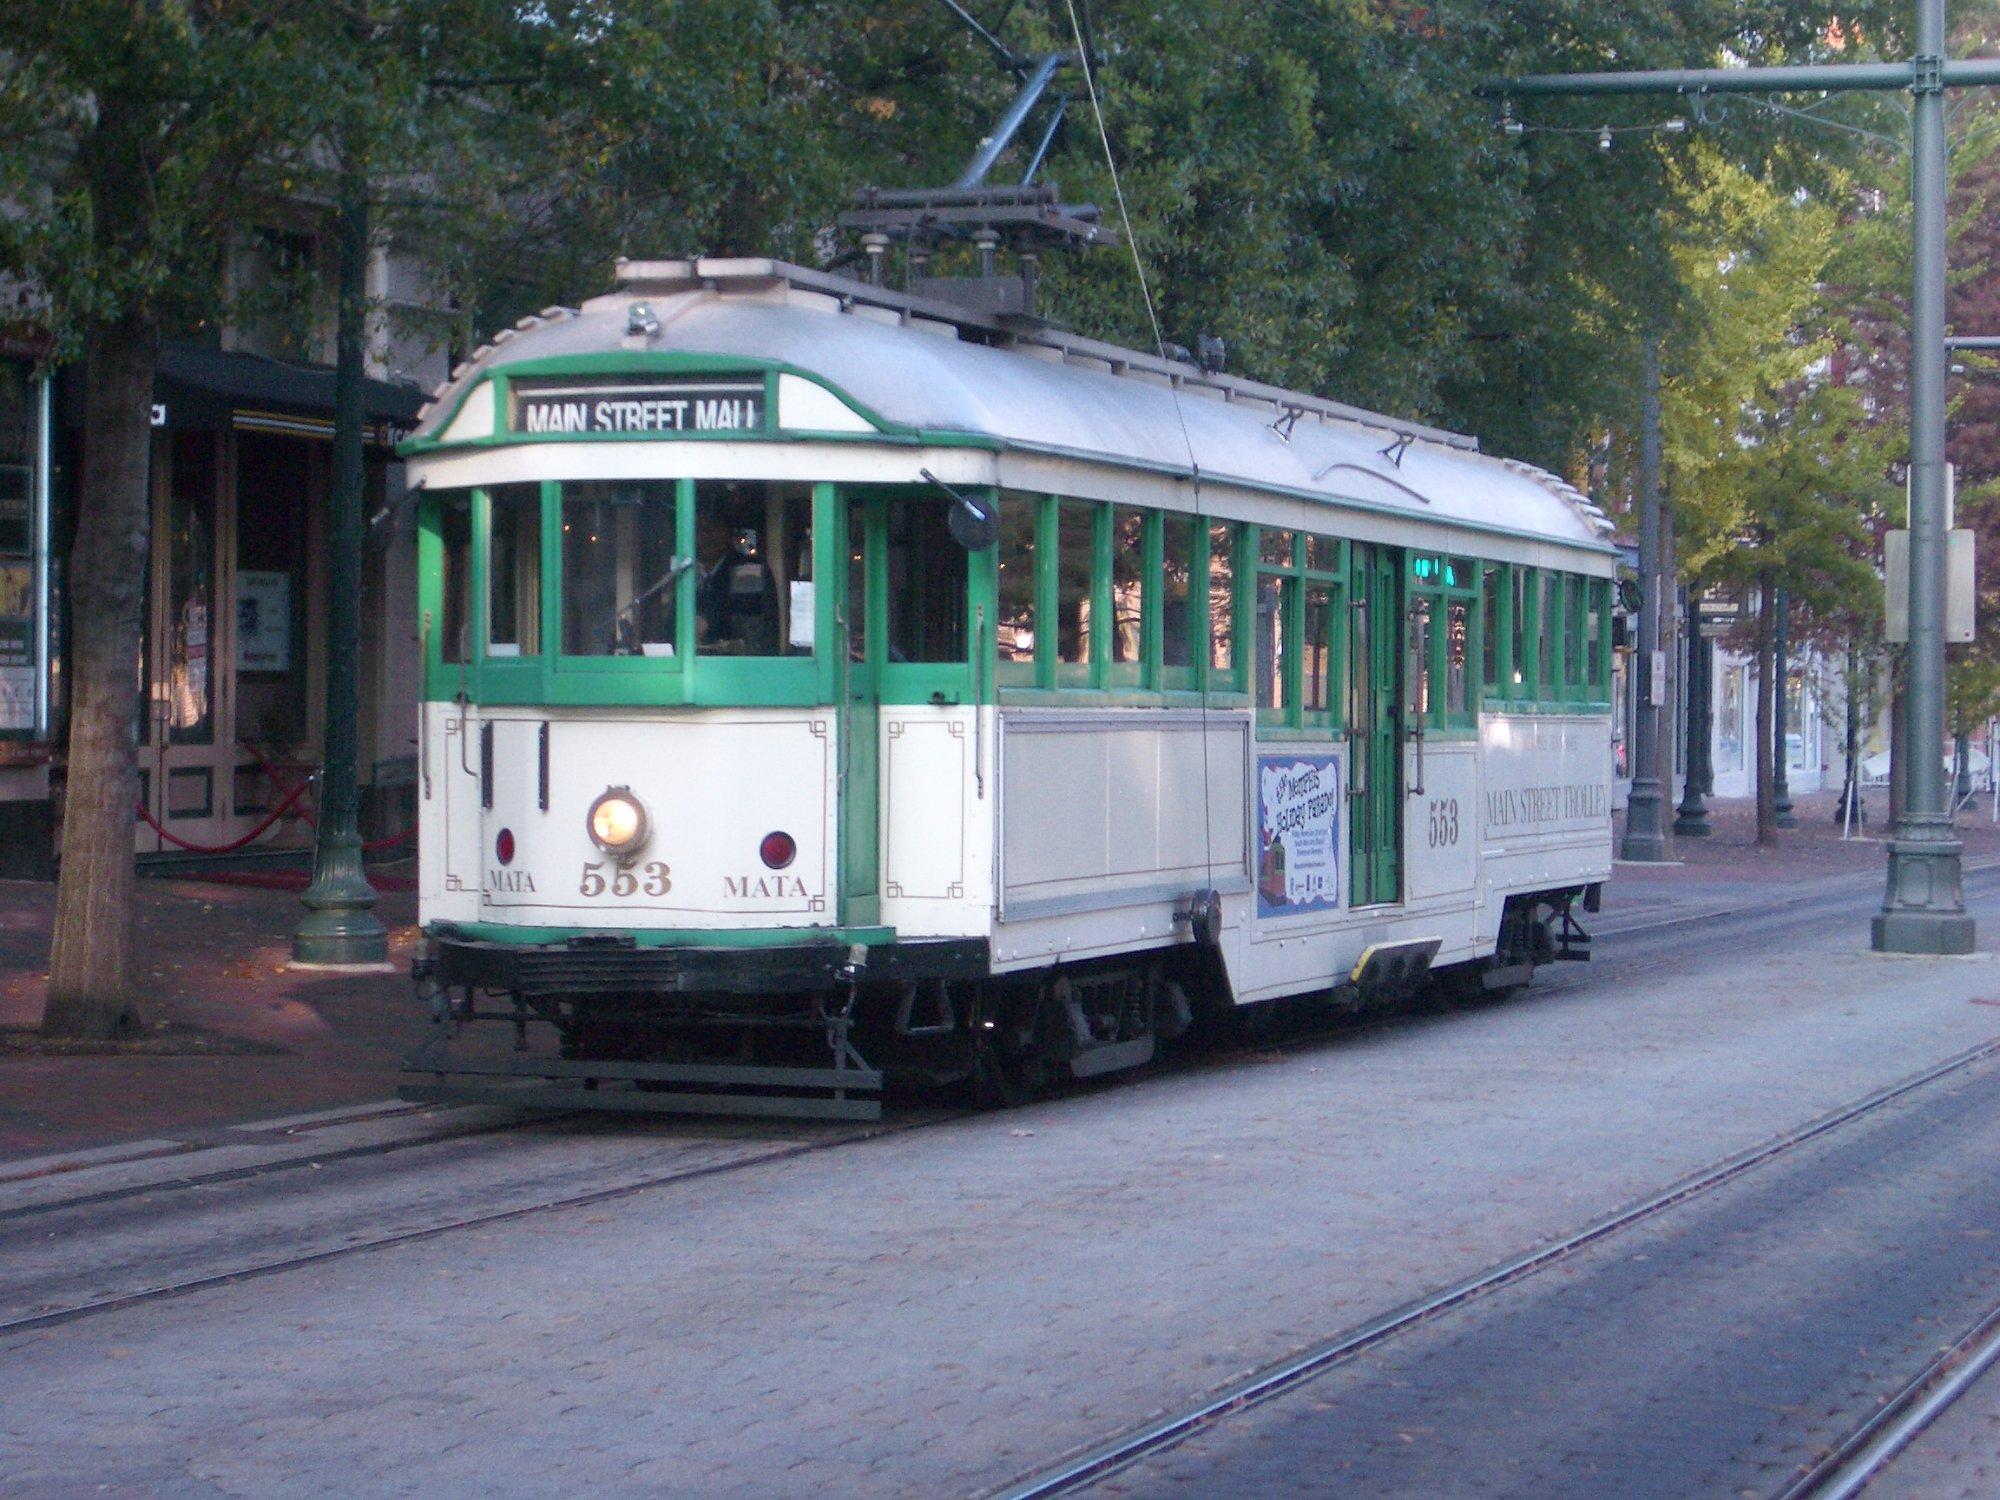 MATA Tram in Memphis